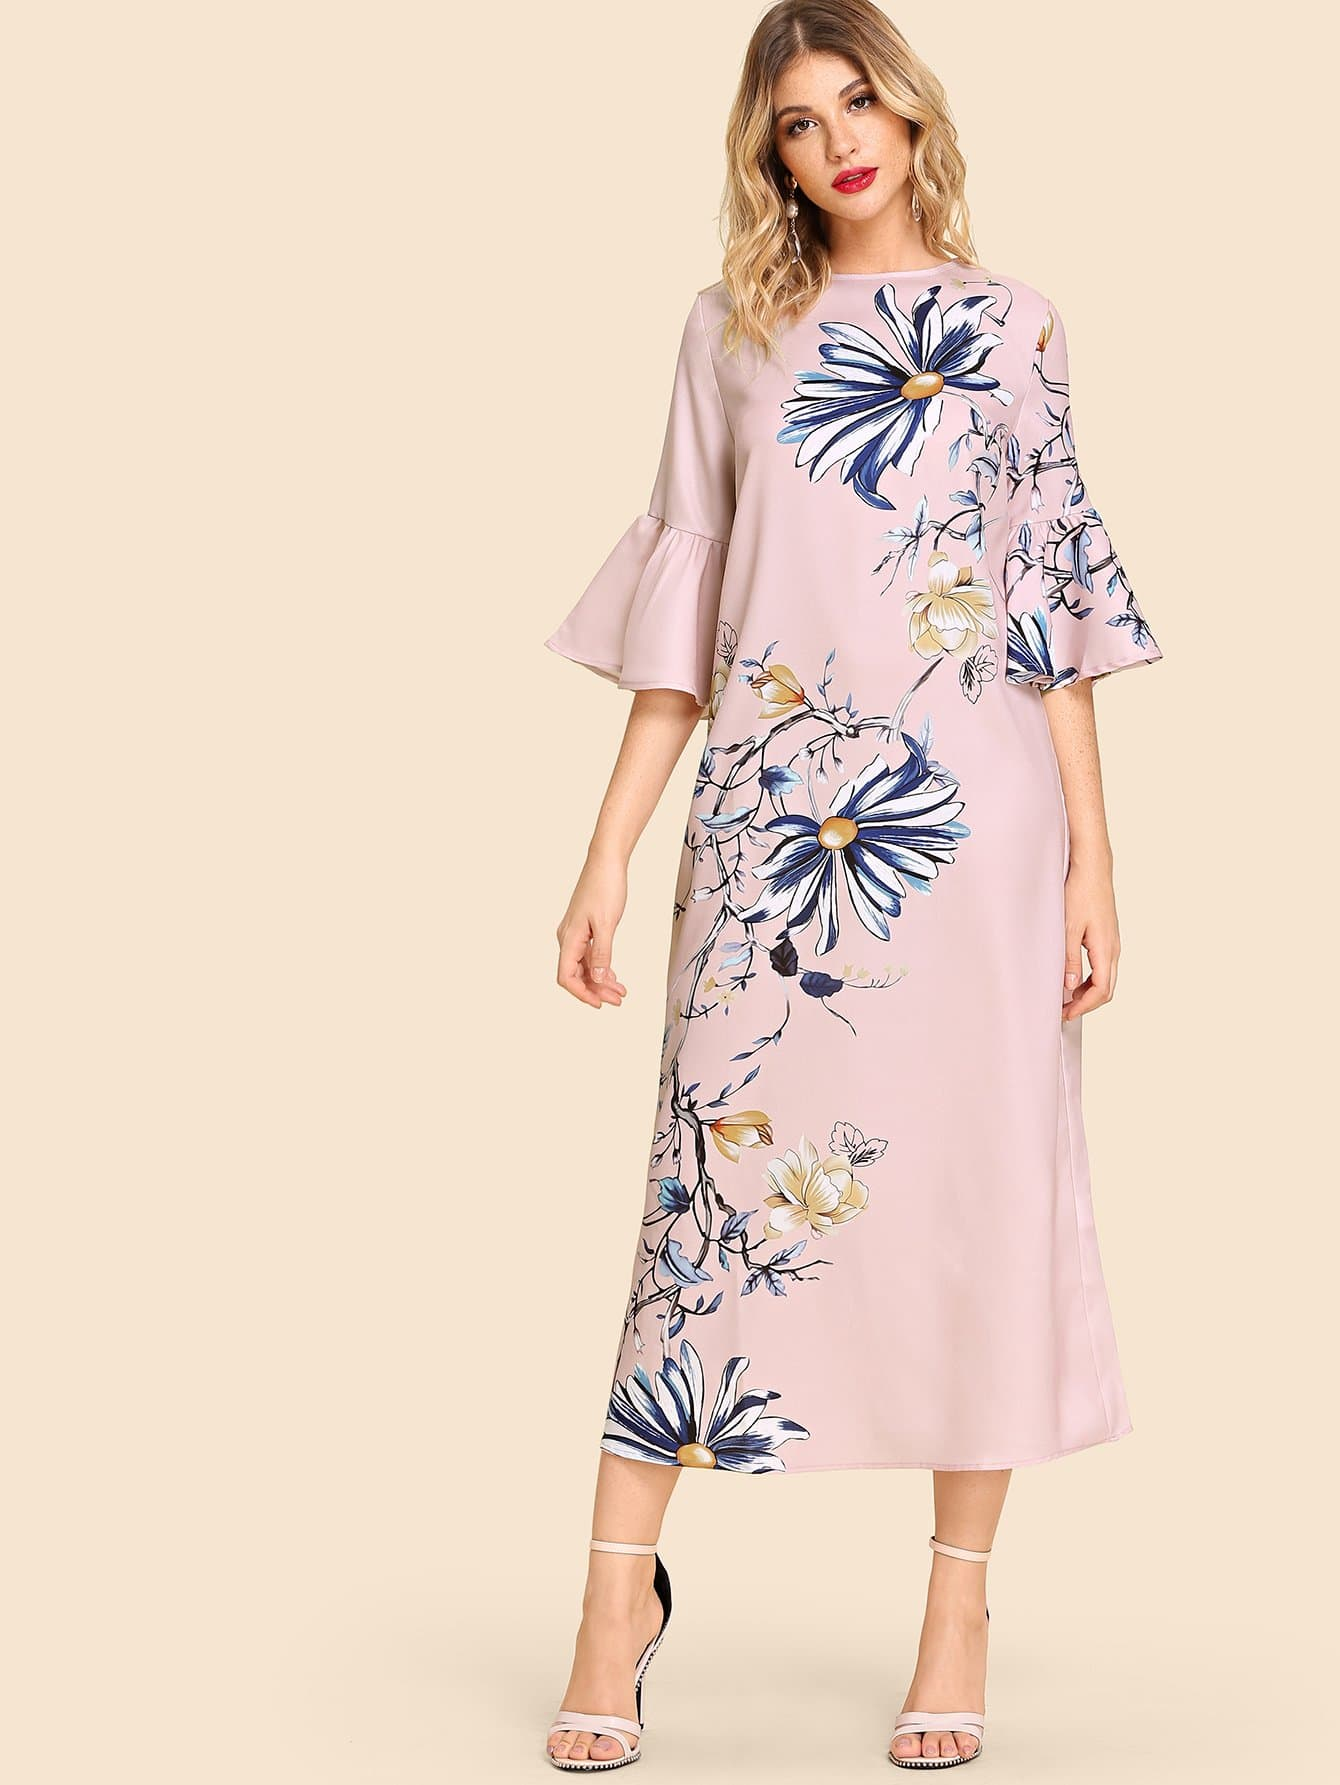 Купить Платье для печати втулки из трусика, Nathane, SheIn